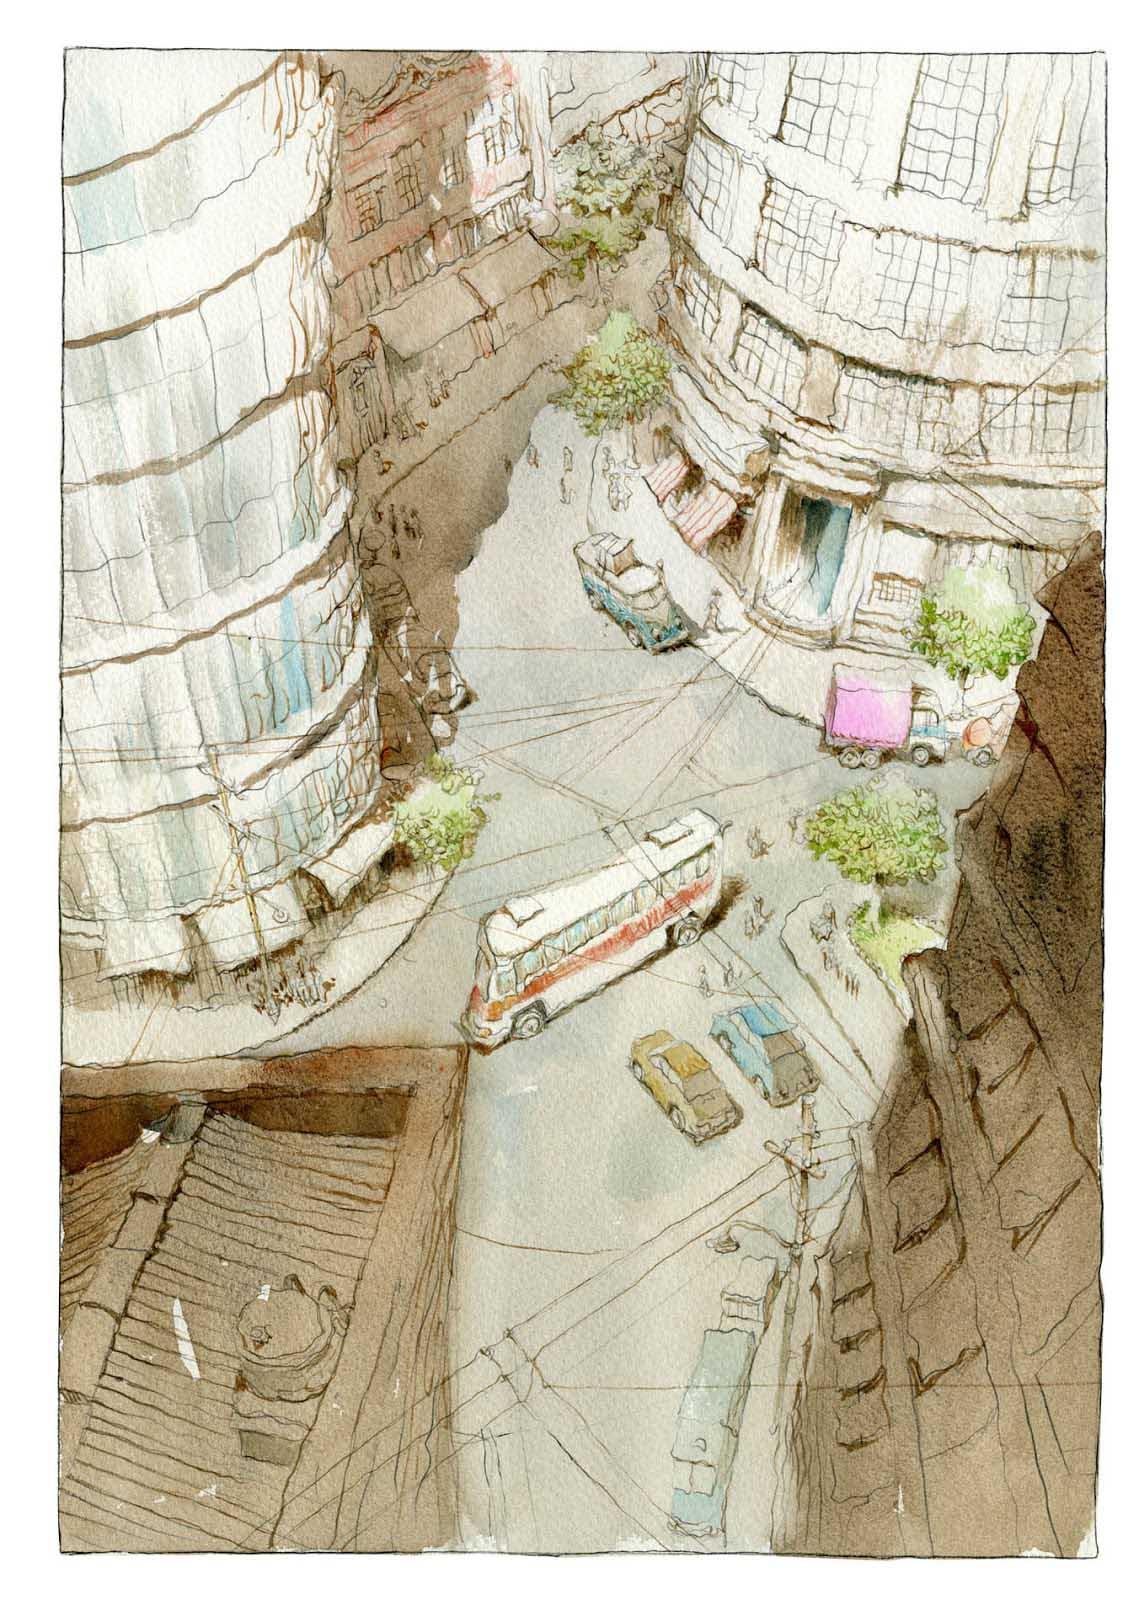 Watercolor_Paintings_by_Marcelo_Lelis